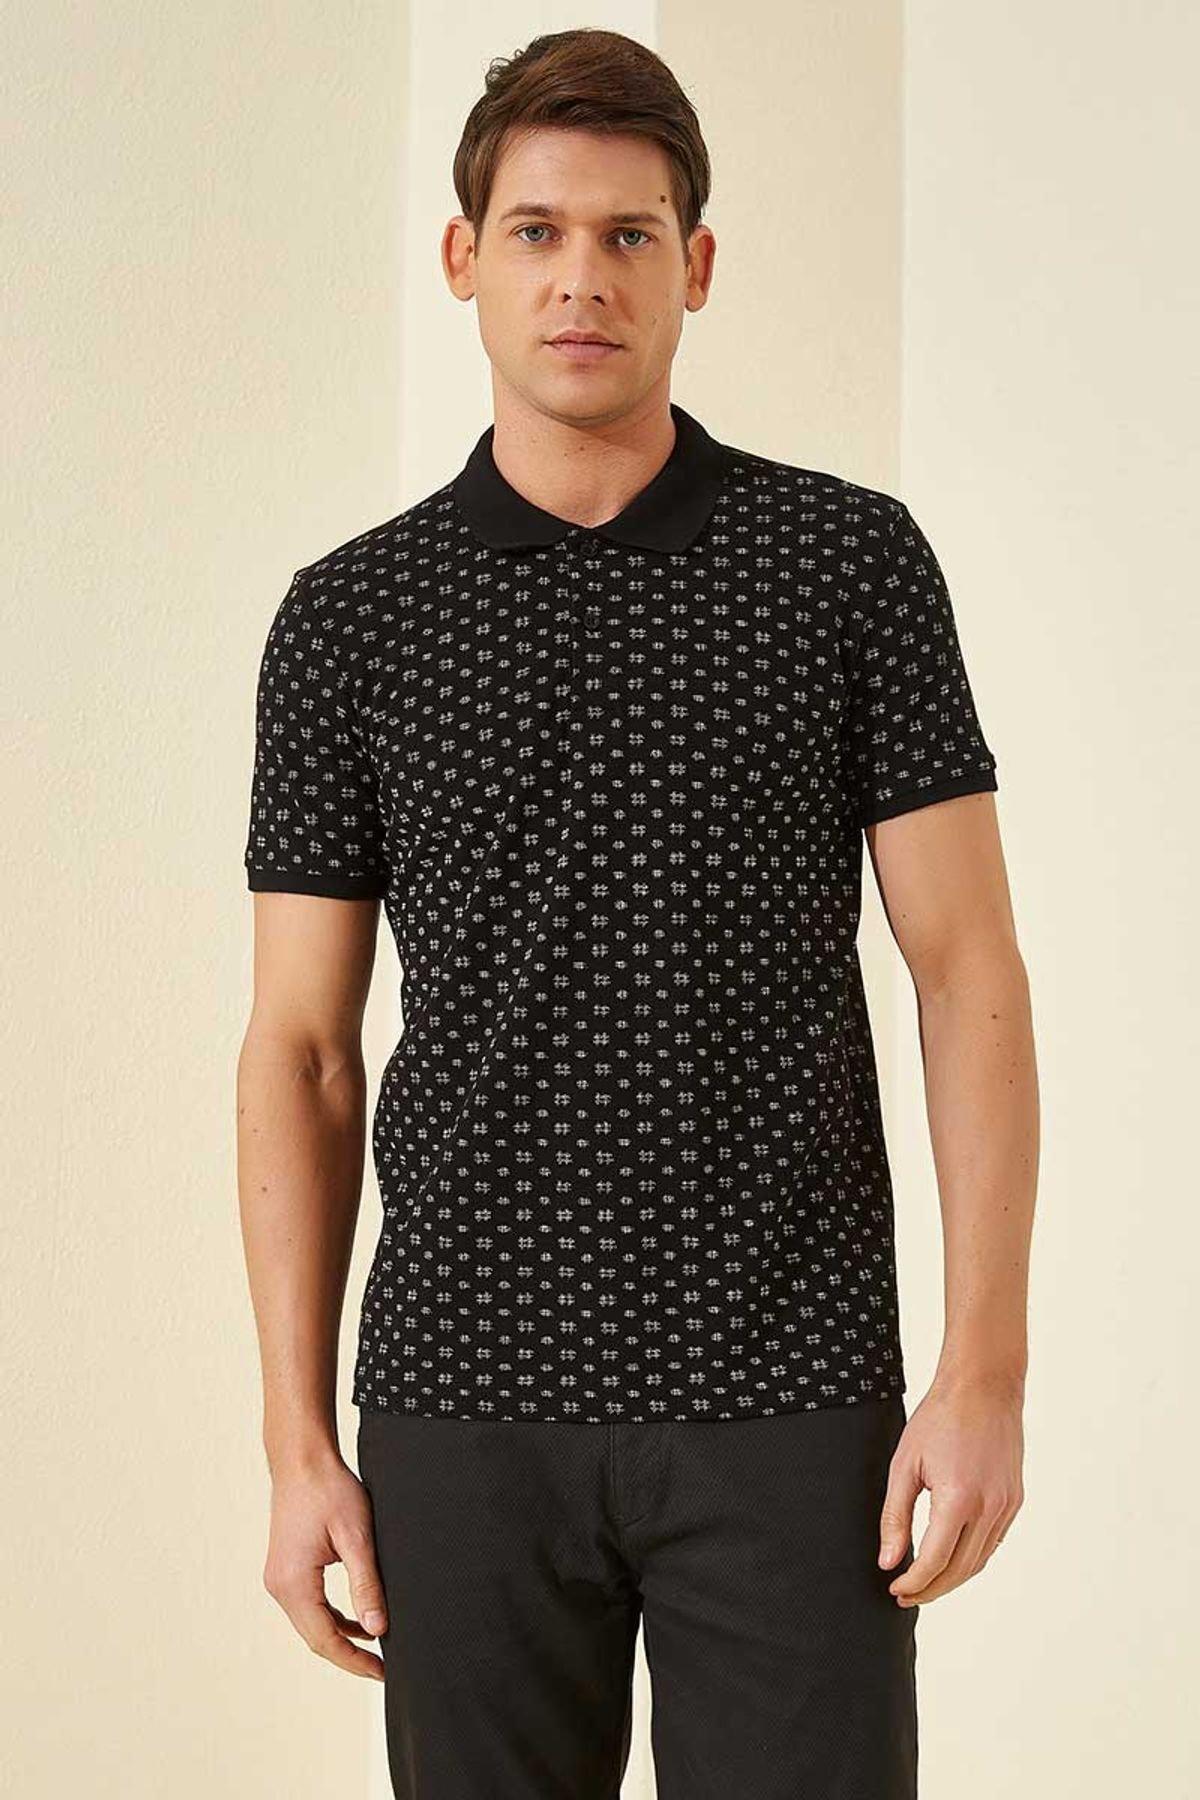 Tommy Life Klasik Desenli Polo Yaka Siyah-Beyaz Erkek Tshirt T08ER-87795_1 2